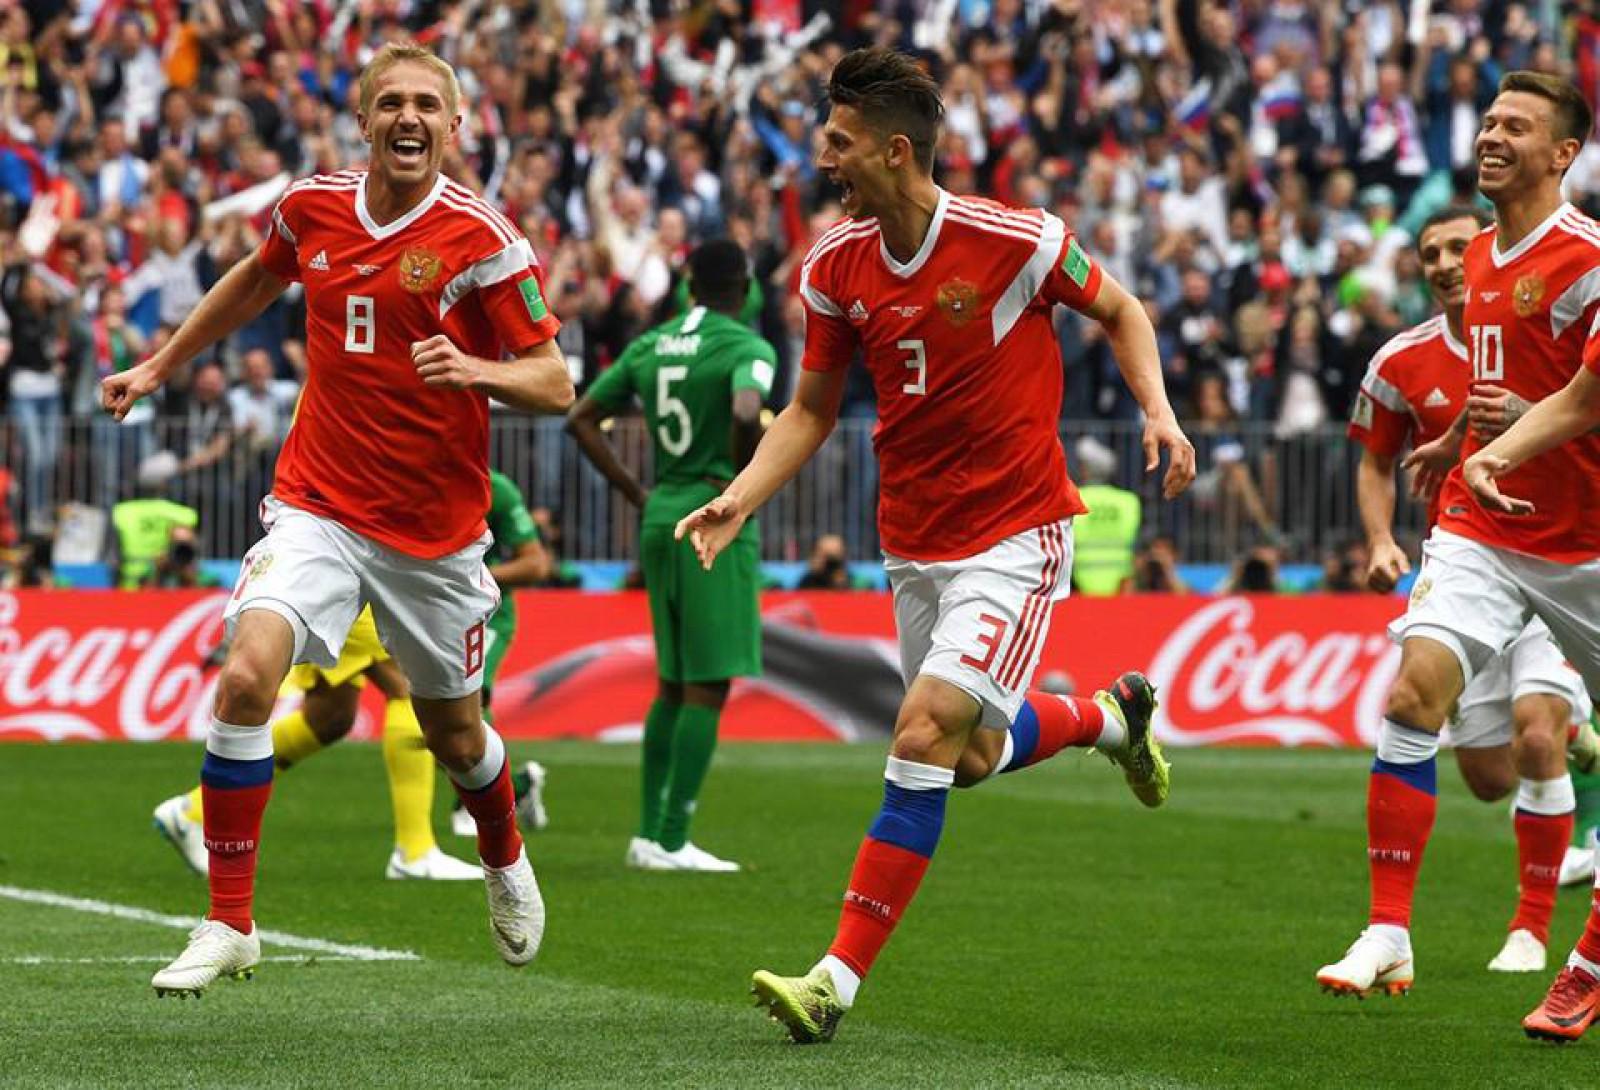 Naționala Rusiei a început în forță Campionatul Mondial! Gazda turneului a surclasat-o în meciul de deschidere pe Arabia Saudită